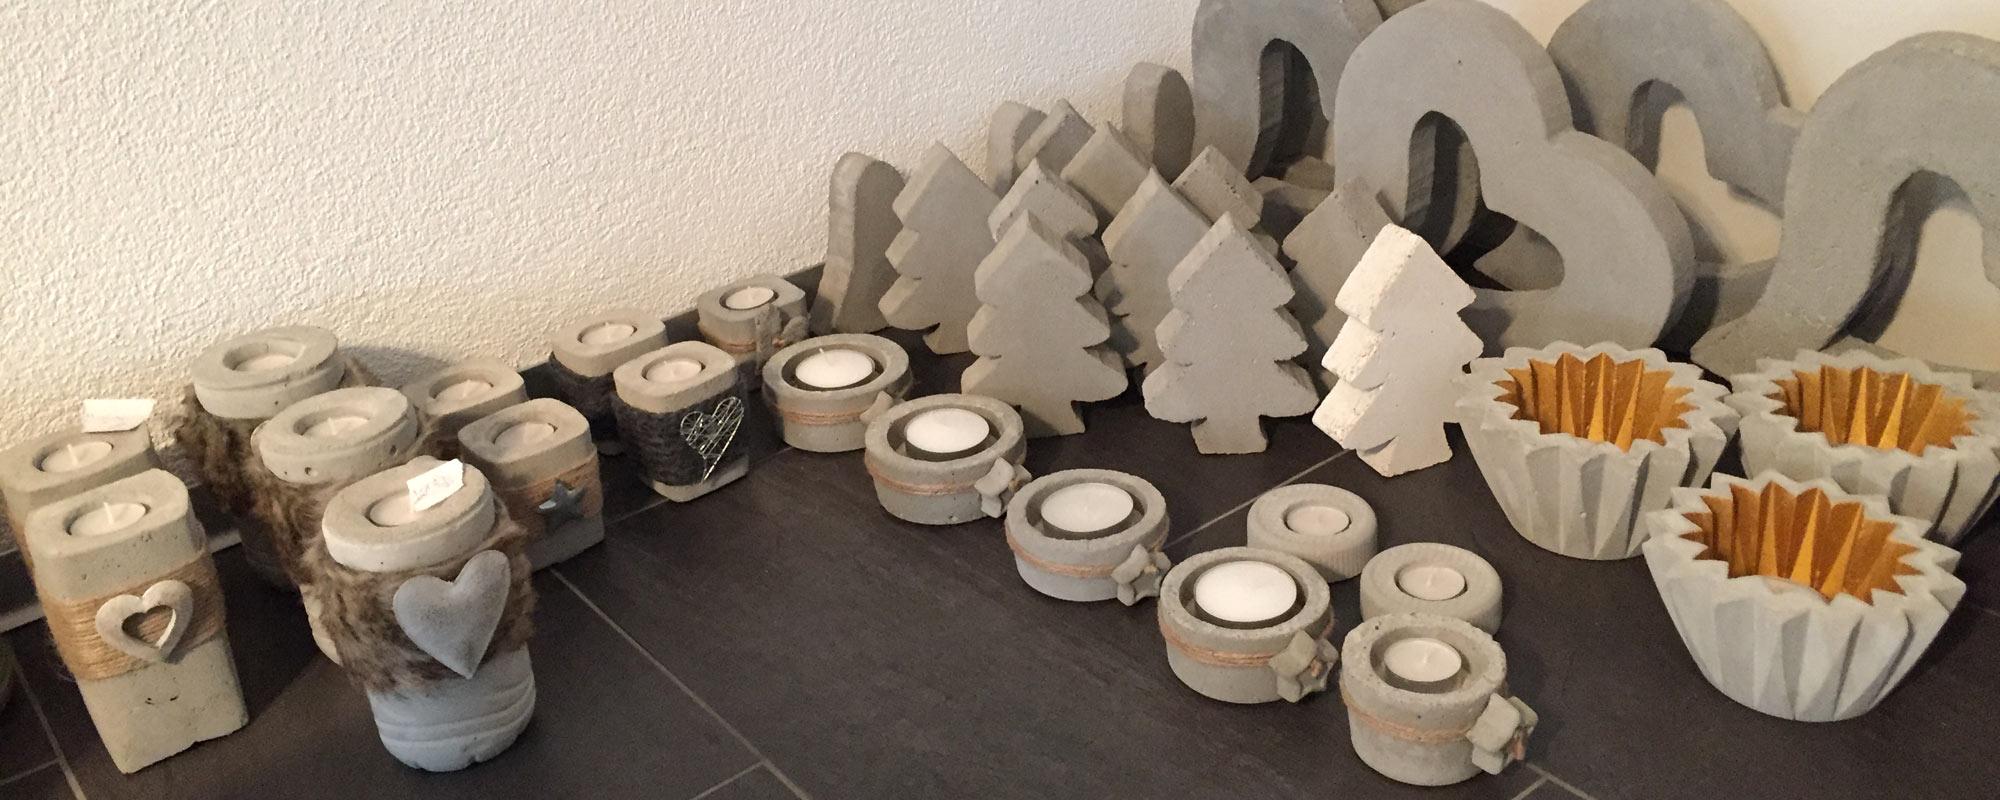 deko aus beton header 2 kunst aus beton. Black Bedroom Furniture Sets. Home Design Ideas